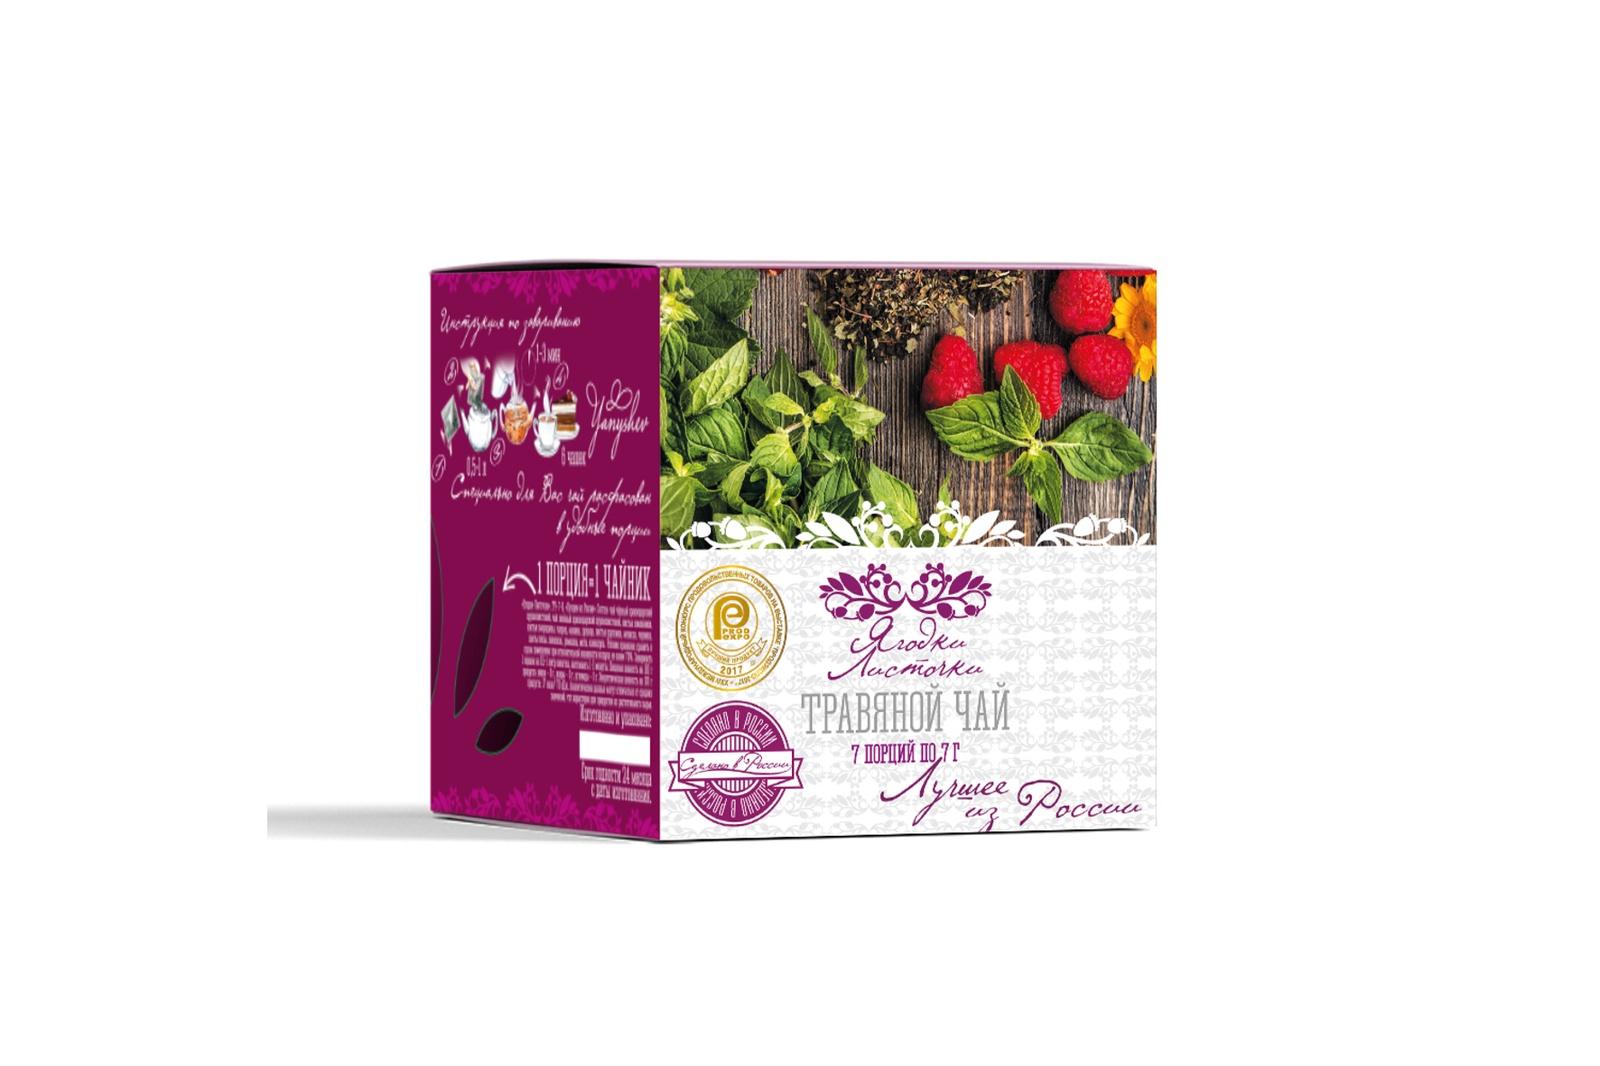 Чай листовой Ягодки-Листочки ТЧ-7-6, 49 ягодки листочки чай краснодарский черный с чабрецом дворцовая площадь вес нетто 45гр